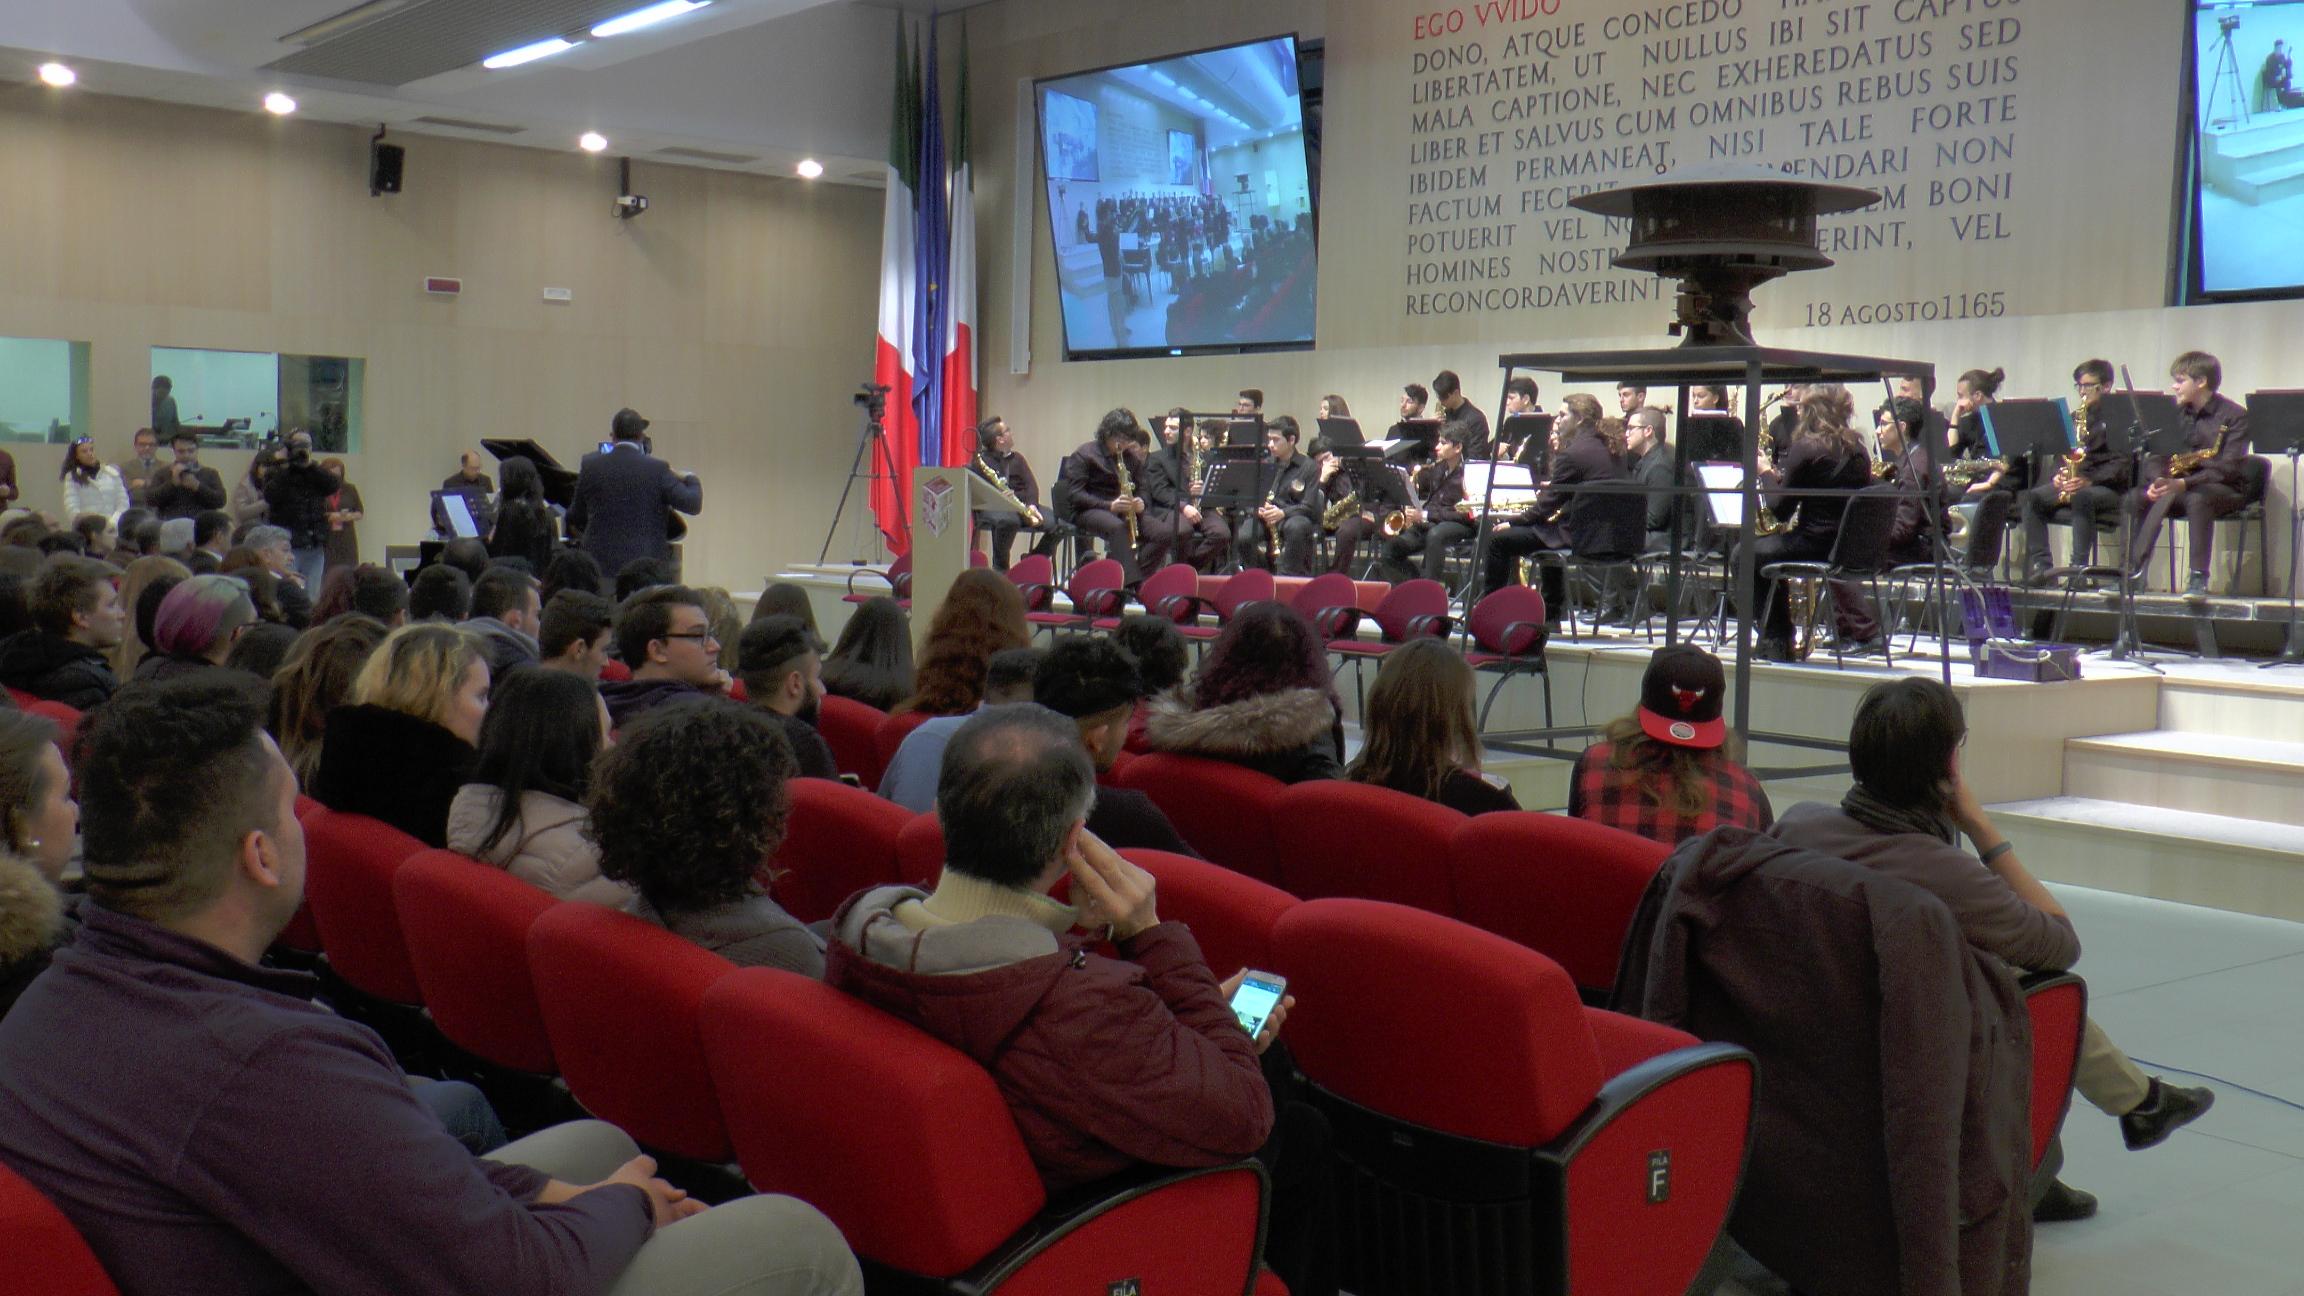 Unite, mille studenti per ricordare la Shoah